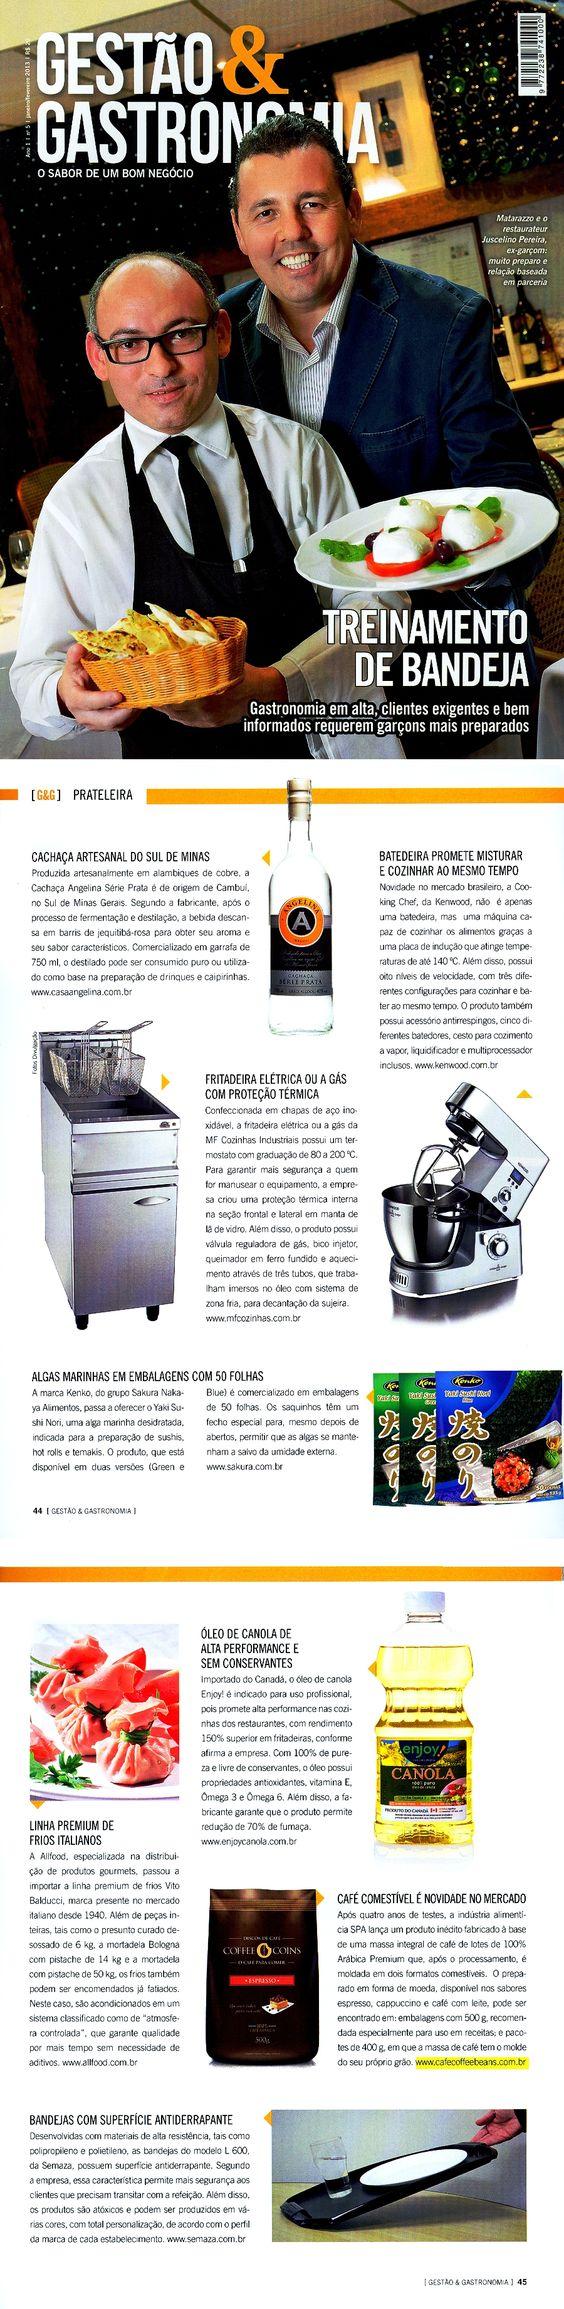 Revista Gestão & Gastronomia